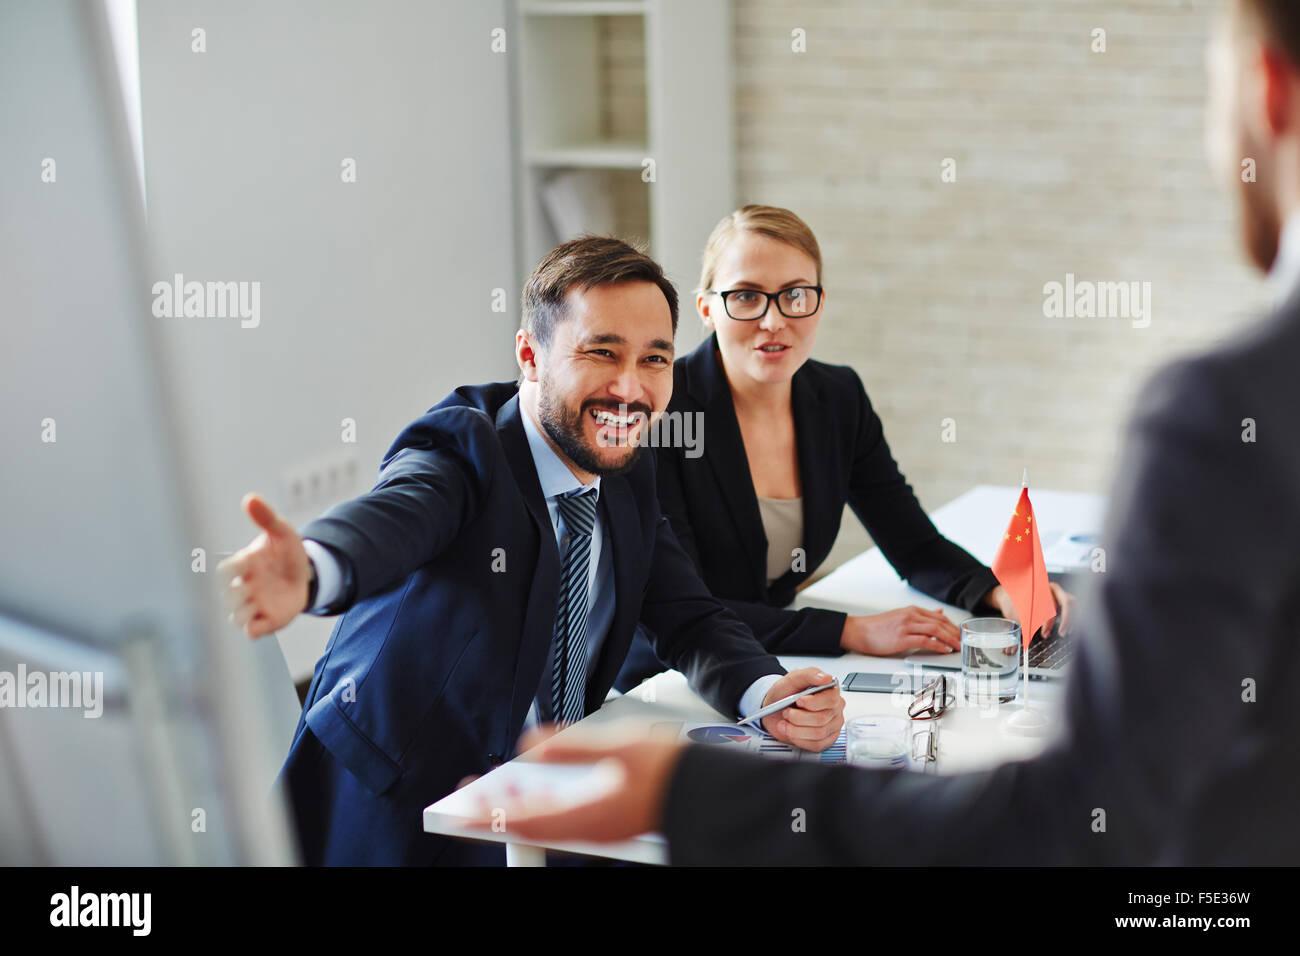 Les gens d'affaires Accueil et inscriptions - Partenaires étrangers avant la conférence Photo Stock